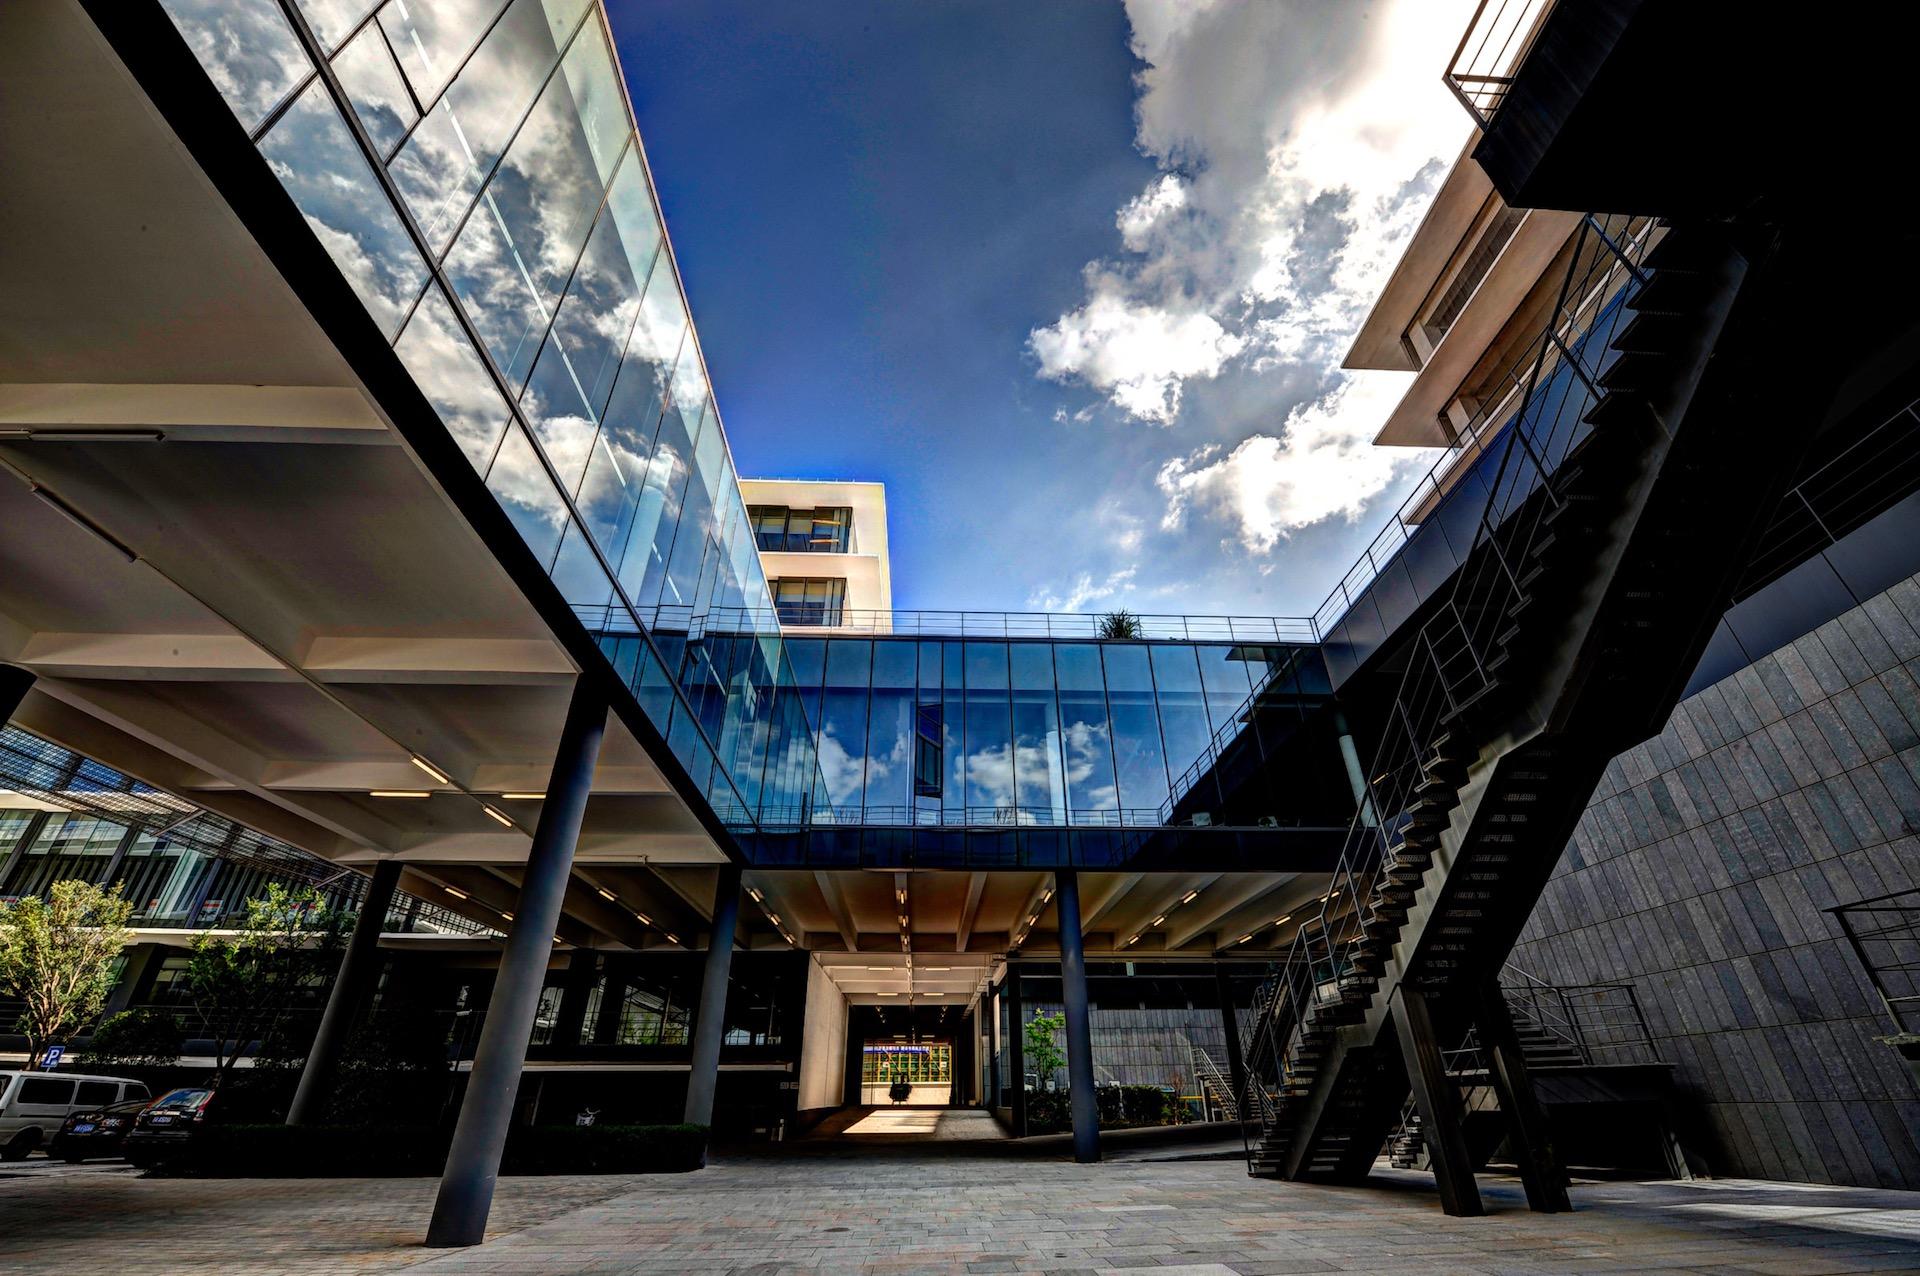 Sídlo Alibaby v čínském Chang-čou